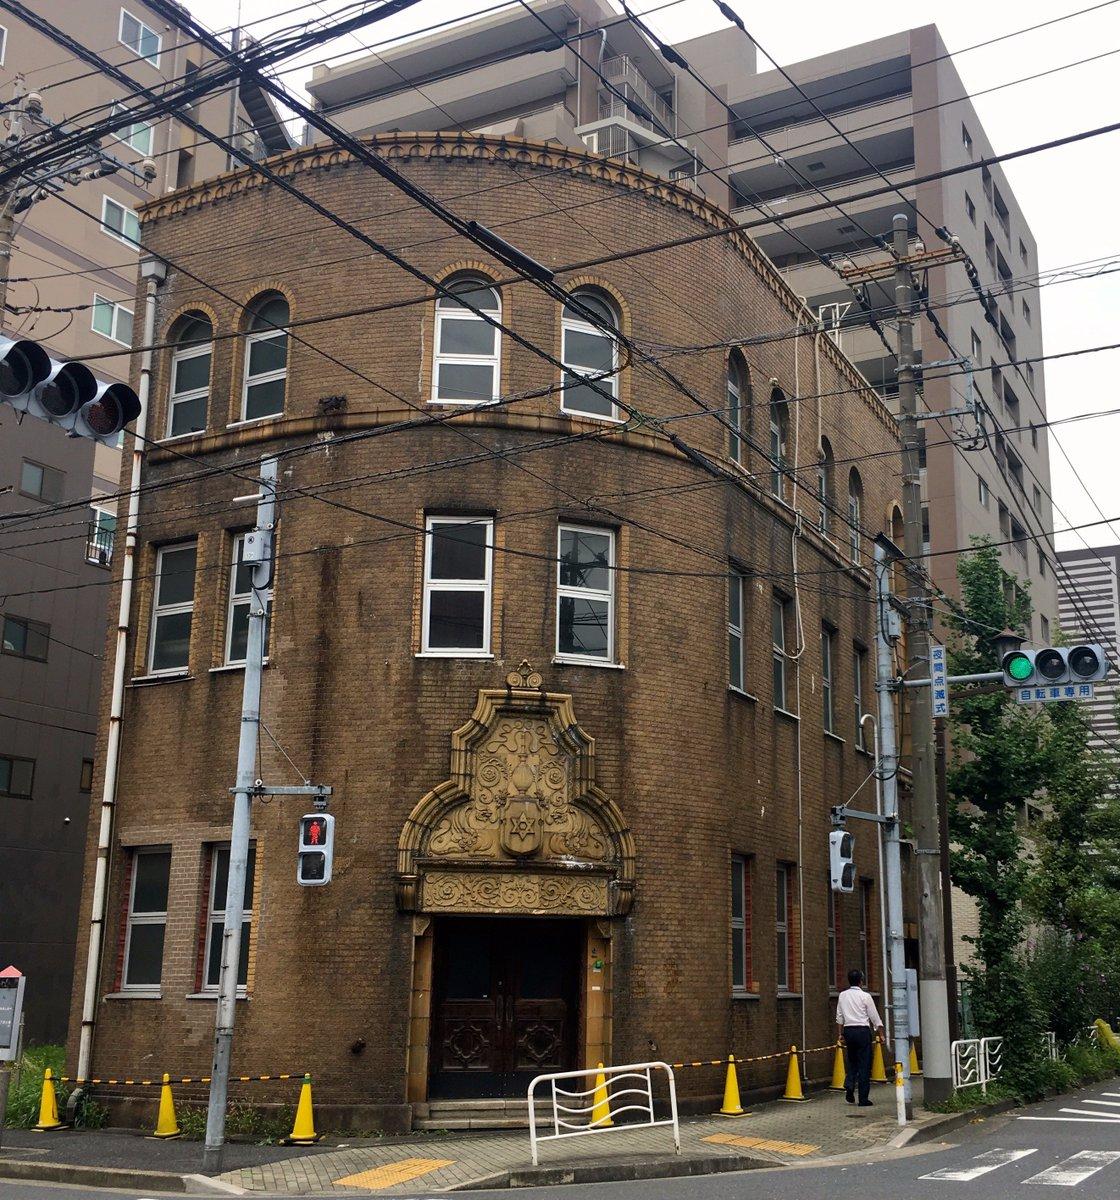 今朝、江東区佐賀町の村林ビルが解体されるかもというツイートが回ってきたので、見納めに行ってきた。設計は関根要太郎氏、1928(昭和3)年竣工。ずんぐりとしたロマネスク風で、入口のテラコッタがいい感じ。以前から好きな建物なのになあ。 https://t.co/zkwKRsD55L